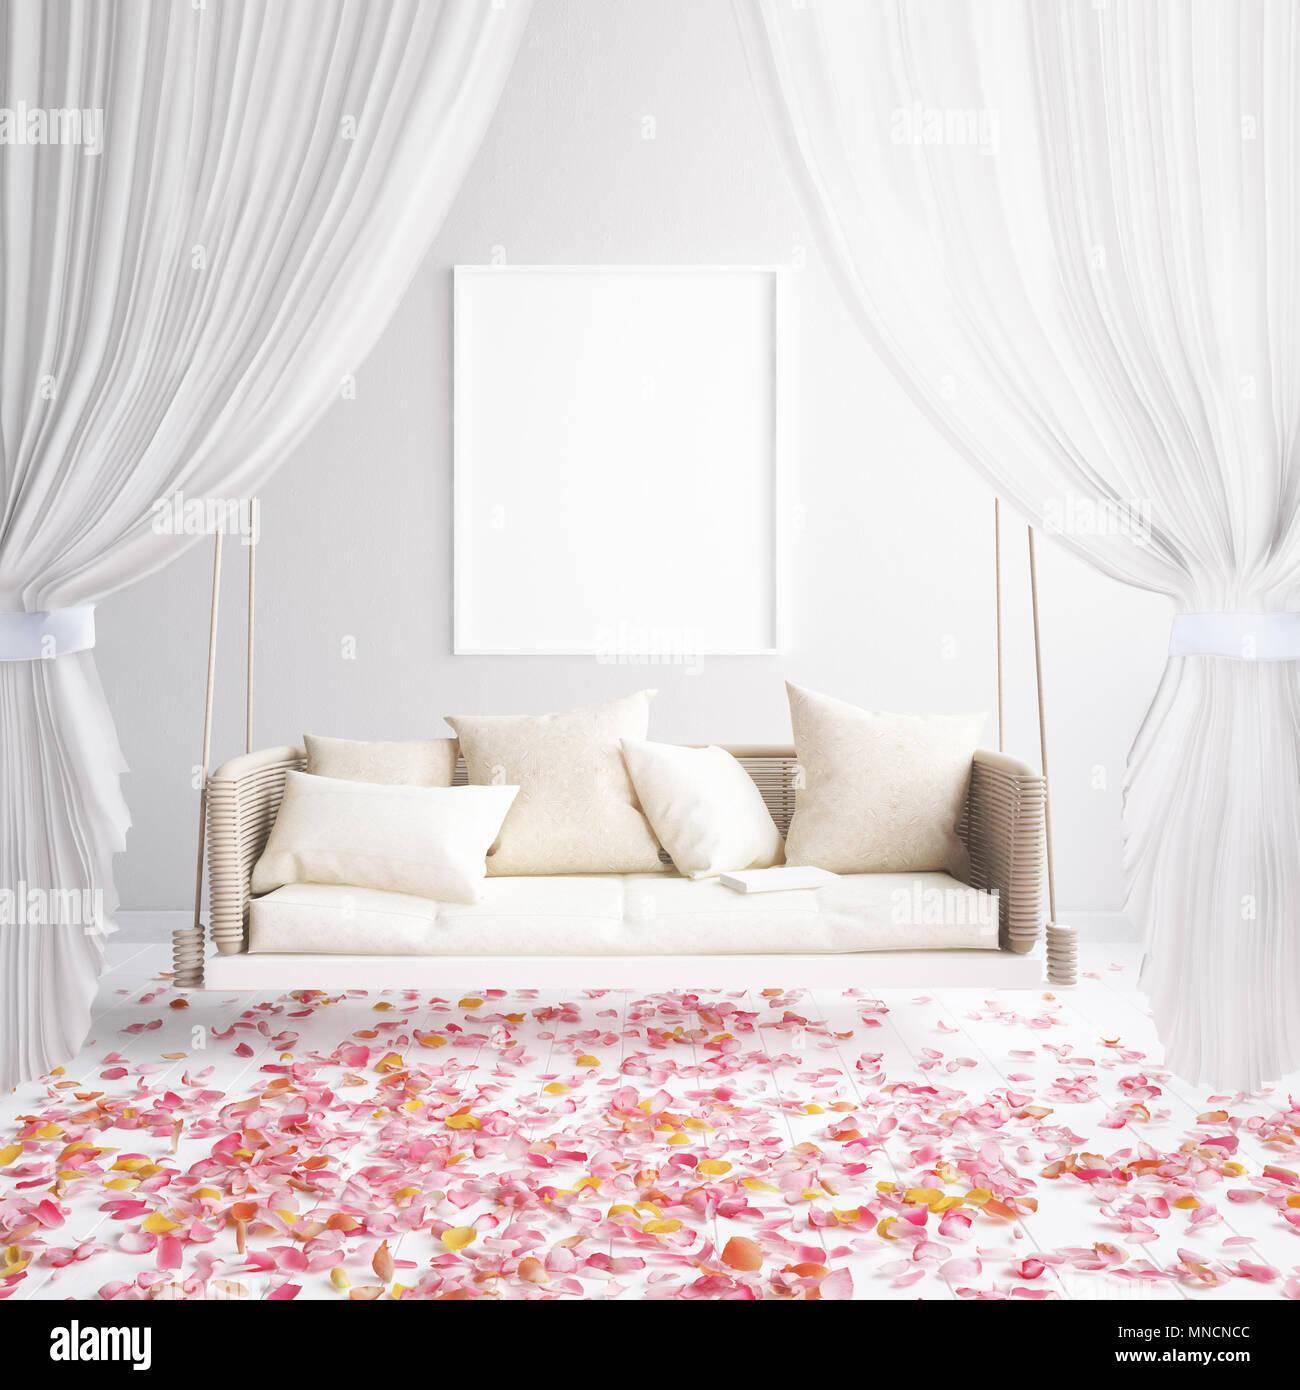 Romantische Interieur Hintergrund, skandinavischen Stil, 3D ...